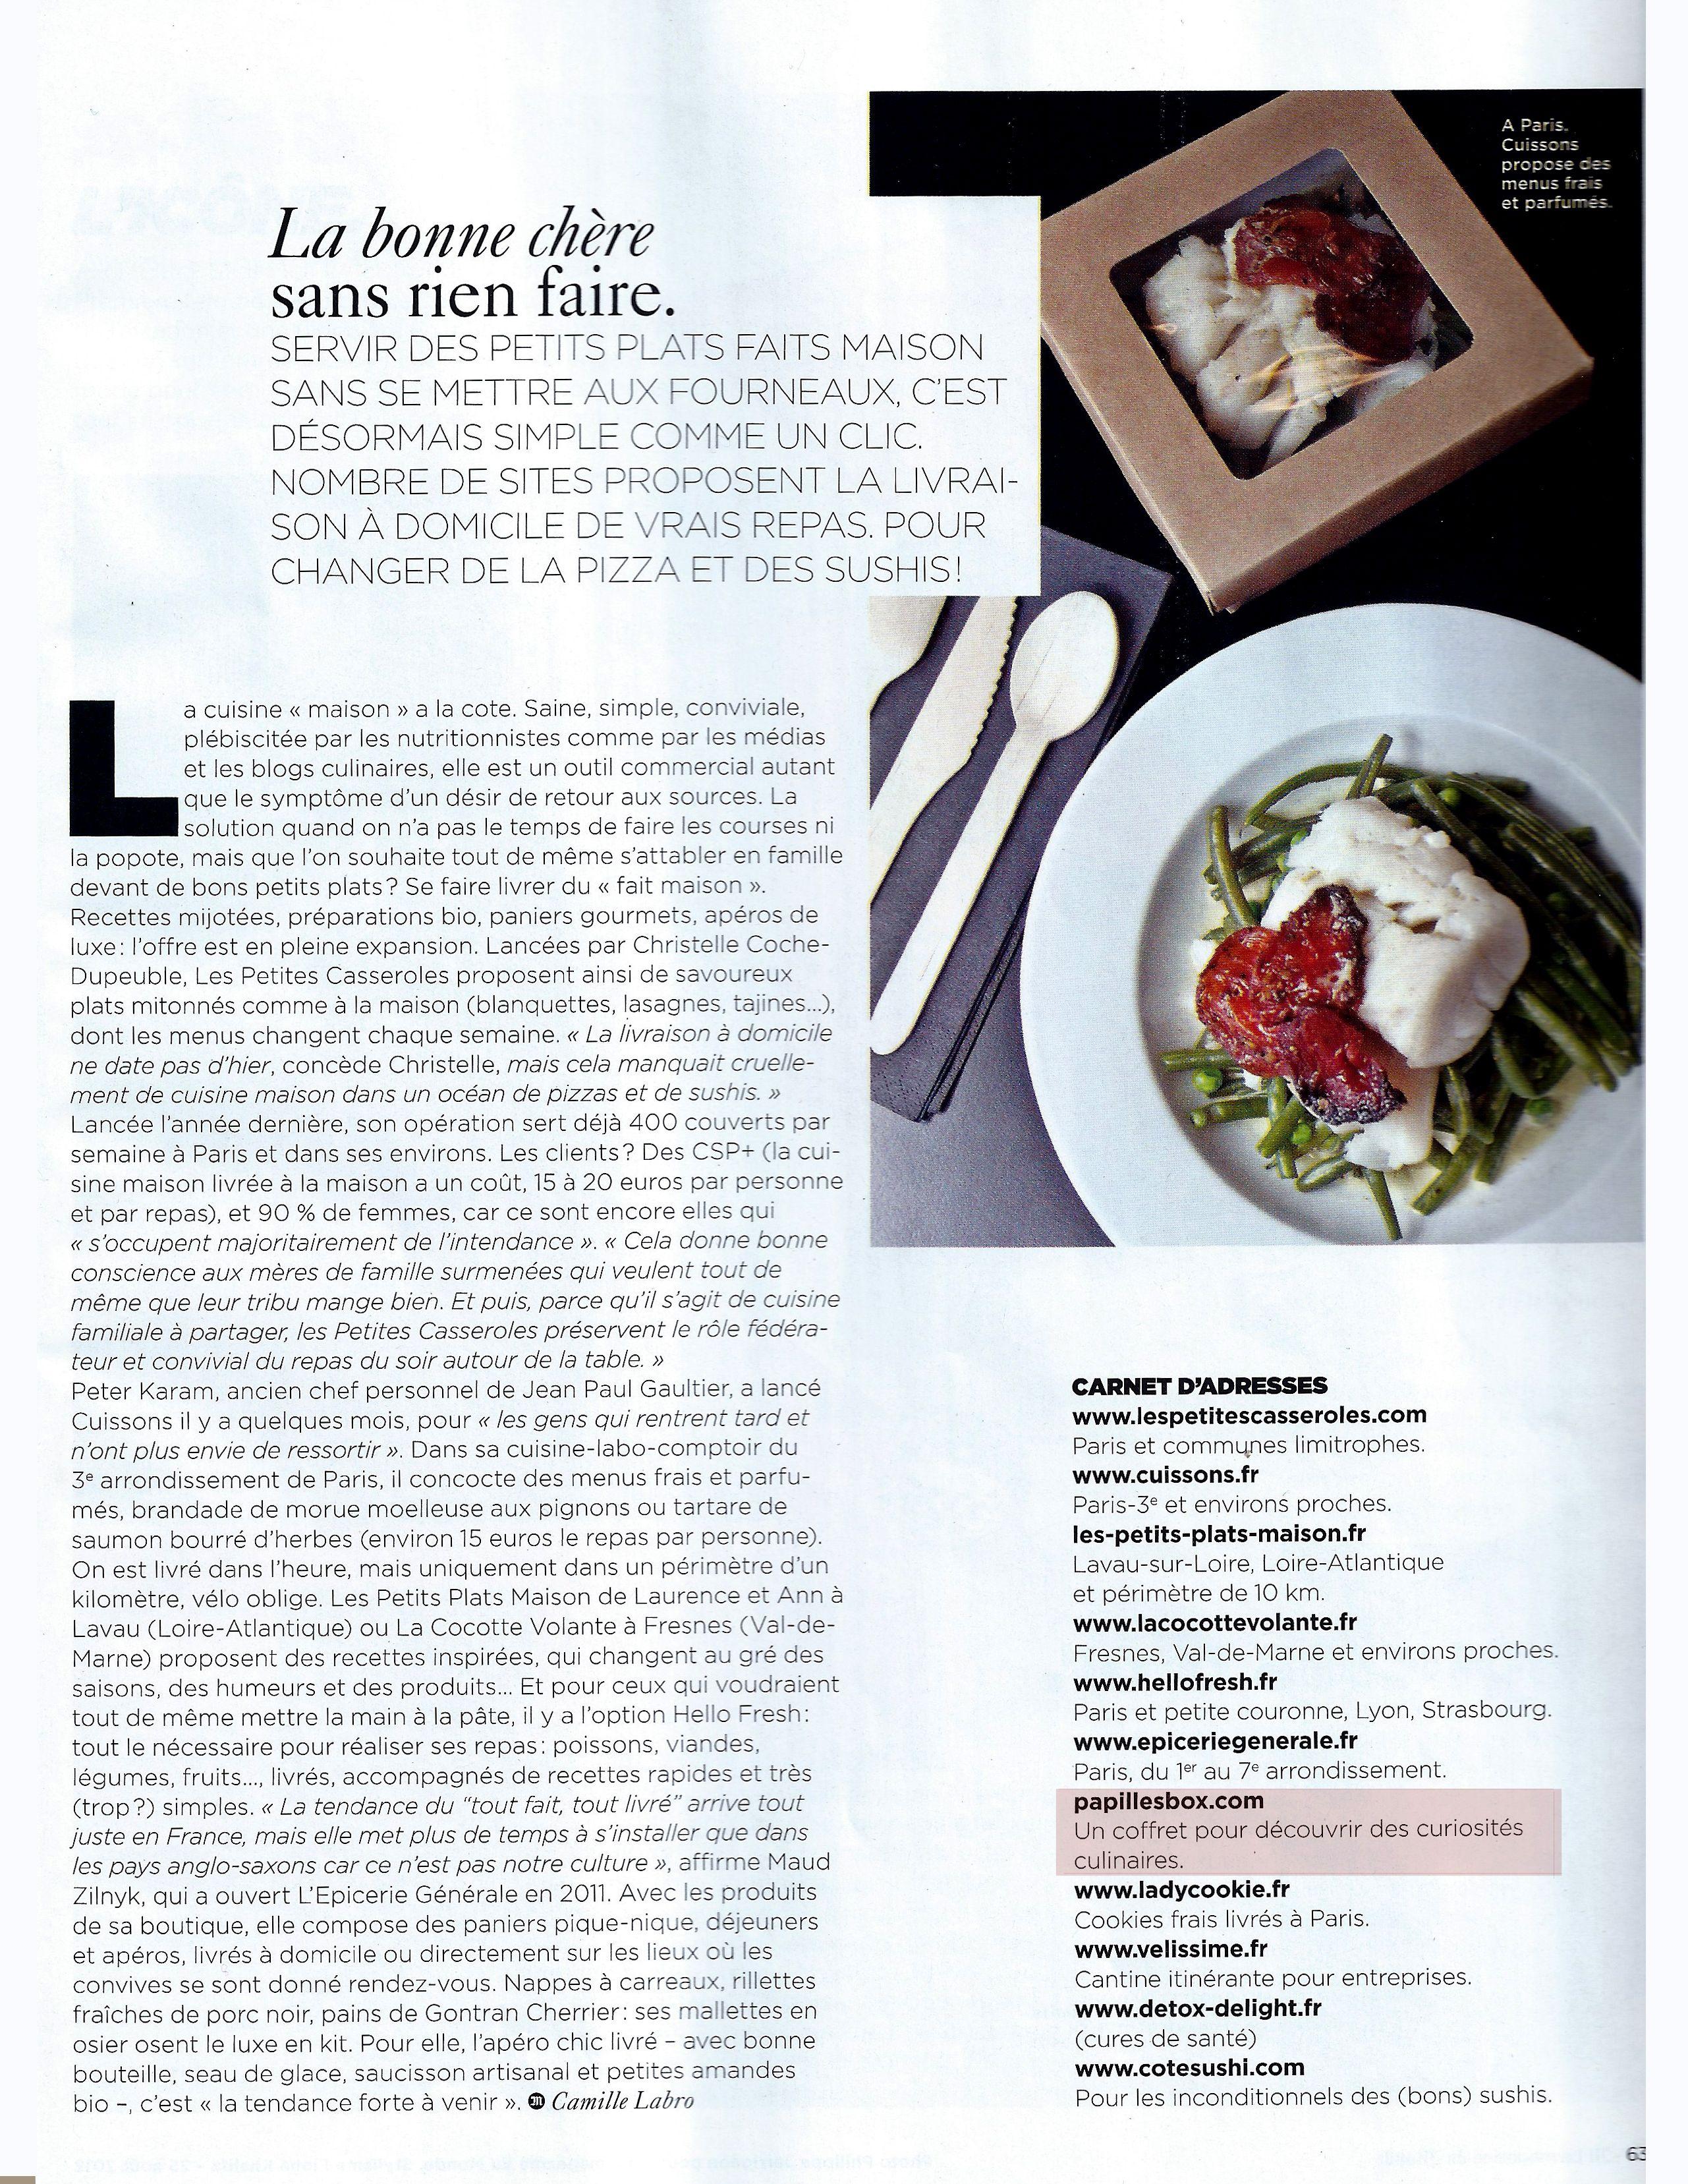 Dans Le Monde Magazine!